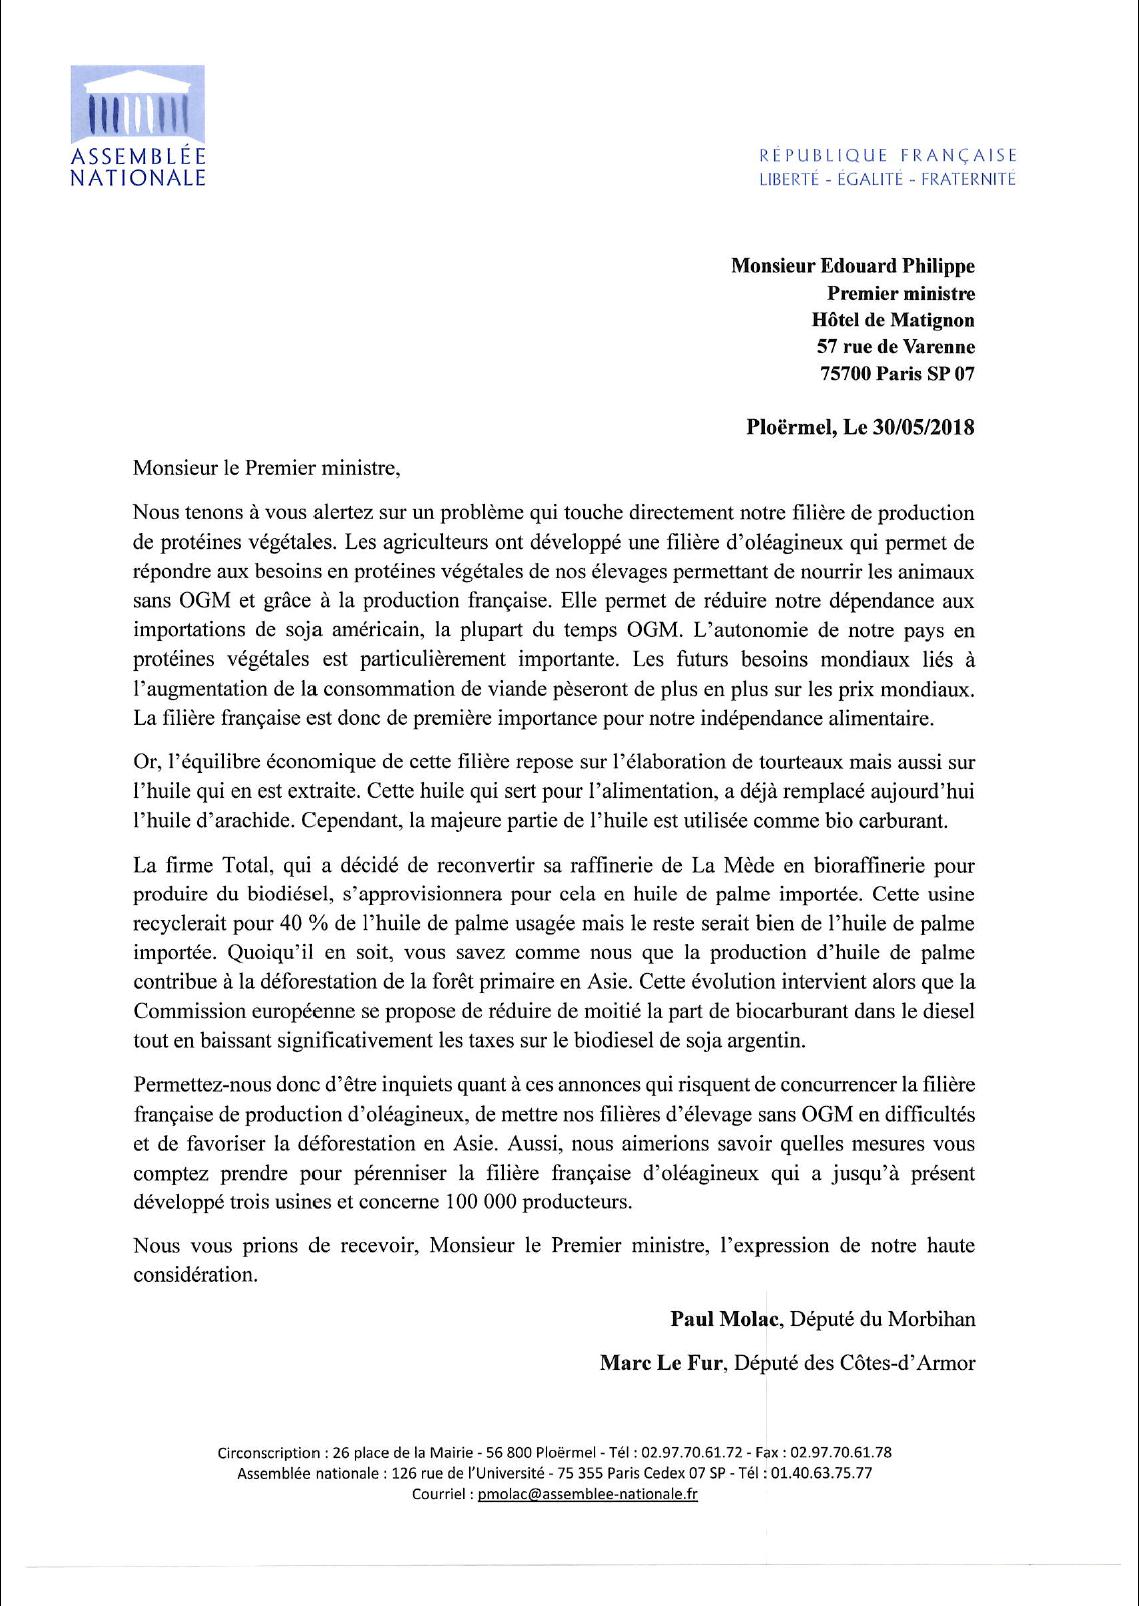 Lettre au Premier ministre sur l'importation d'huile de palme par Total